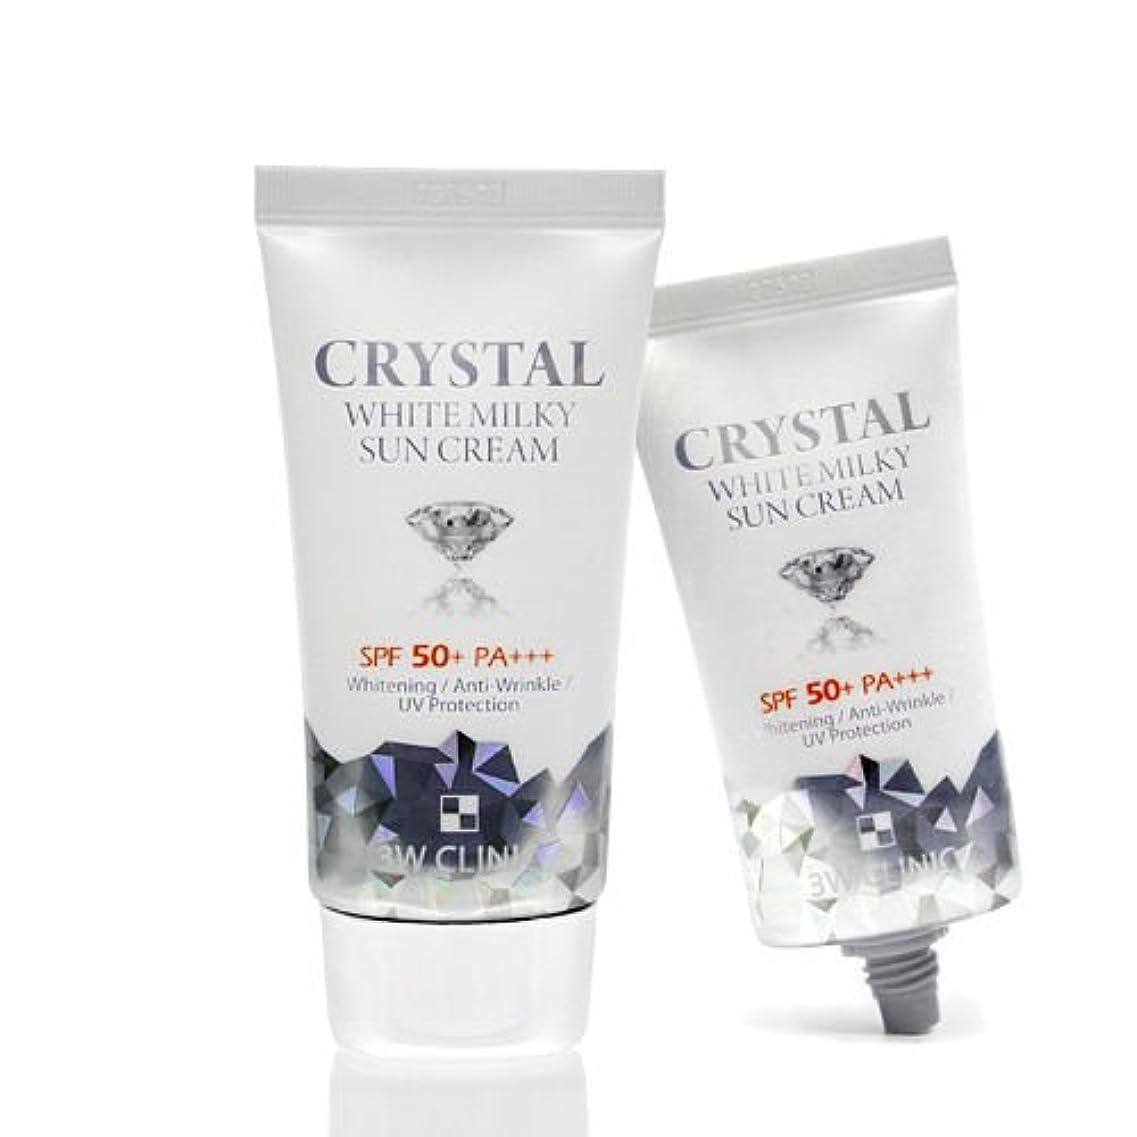 ホイッスルメモ累計3Wクリニック[韓国コスメ3w Clinic]Crystal White Milky Sun Cream クリスタルホワイトミルキー 日焼け止めクリーム50ml[並行輸入品]